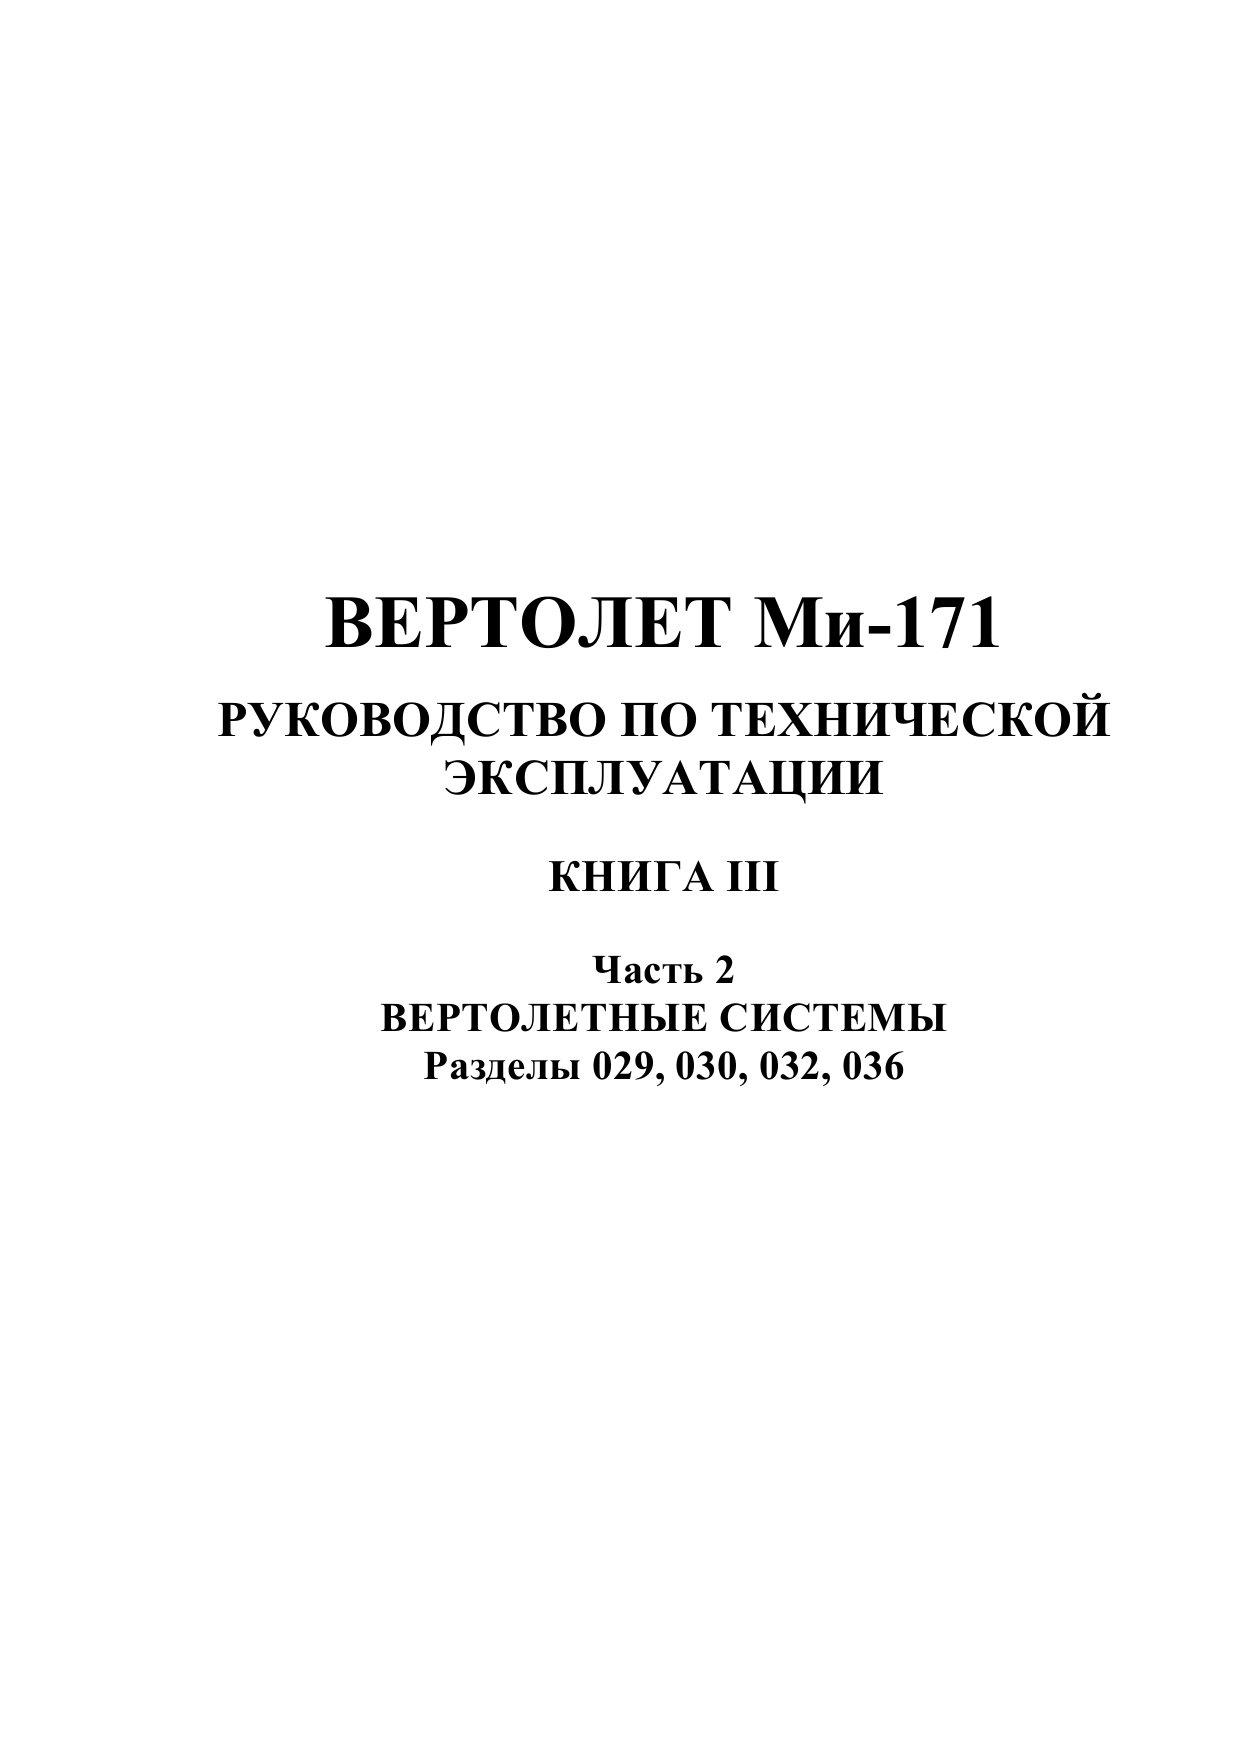 Обложка книги Ми-171.Вертолетные системы.(Книга 3. Часть2) (Коллектив авторов)